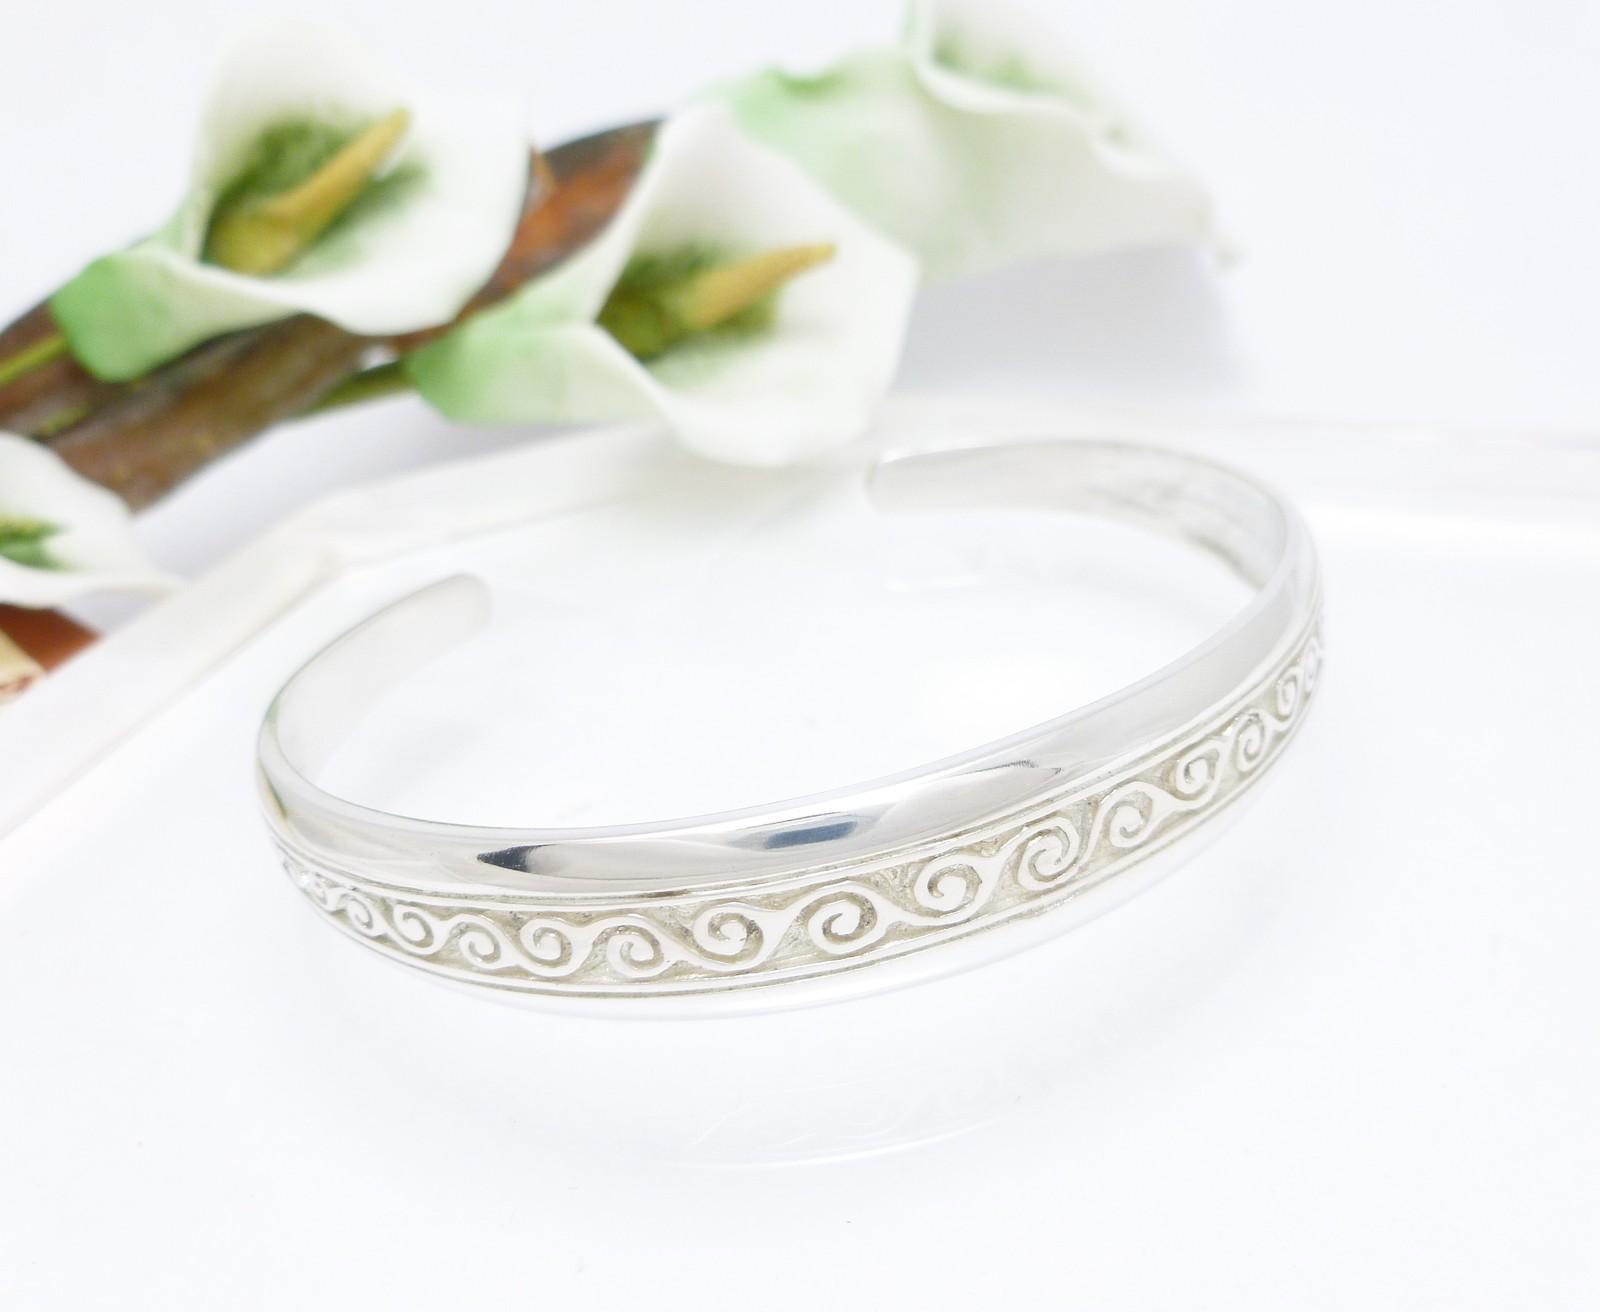 Sterling Silver Newgrange Swirl Cuff Bracelet Average Size Wrist